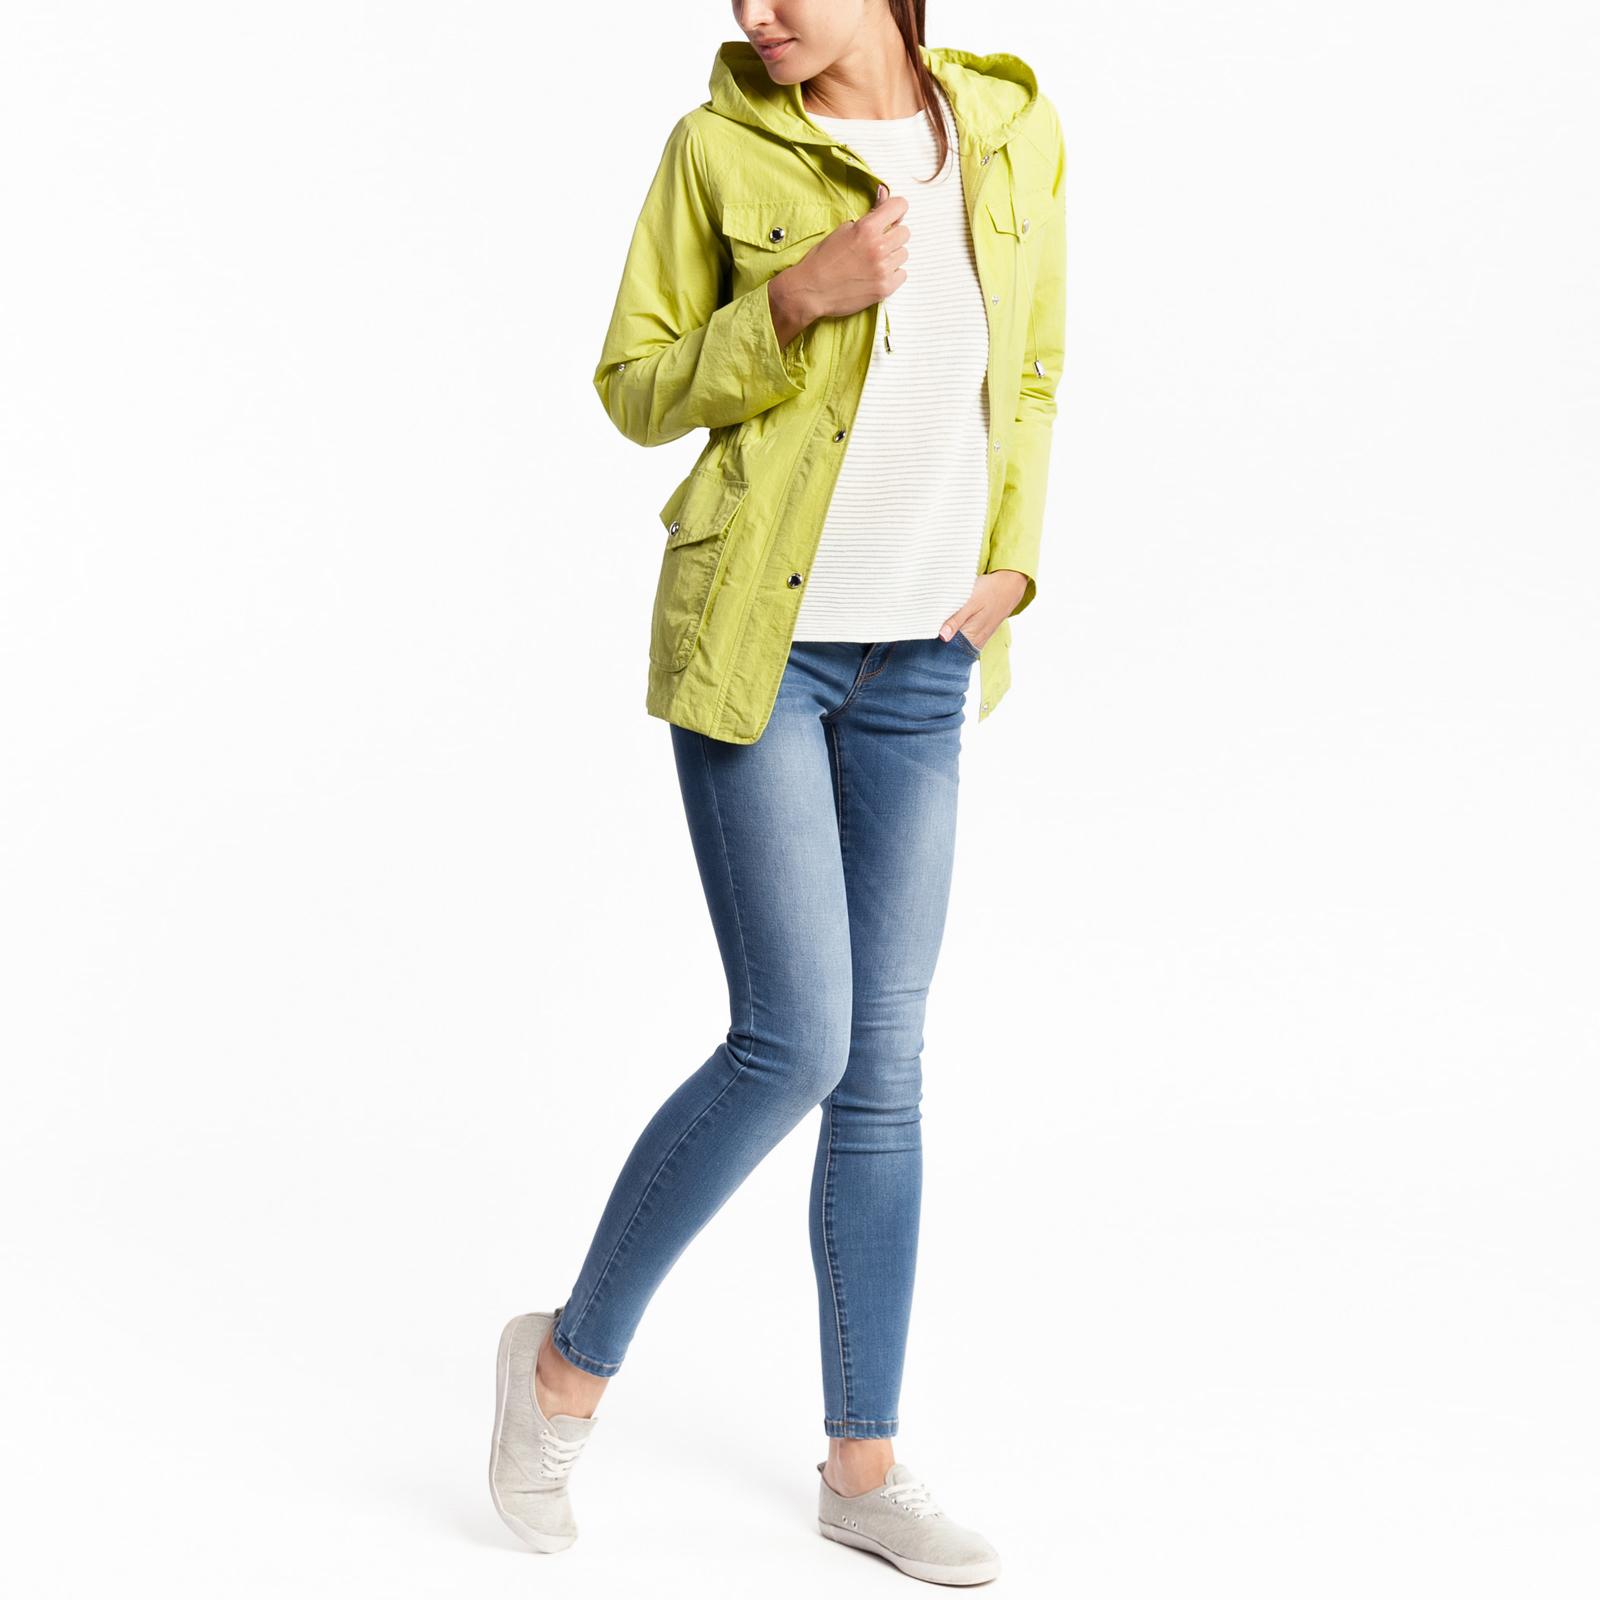 Купить Куртку Ветровку Женскую